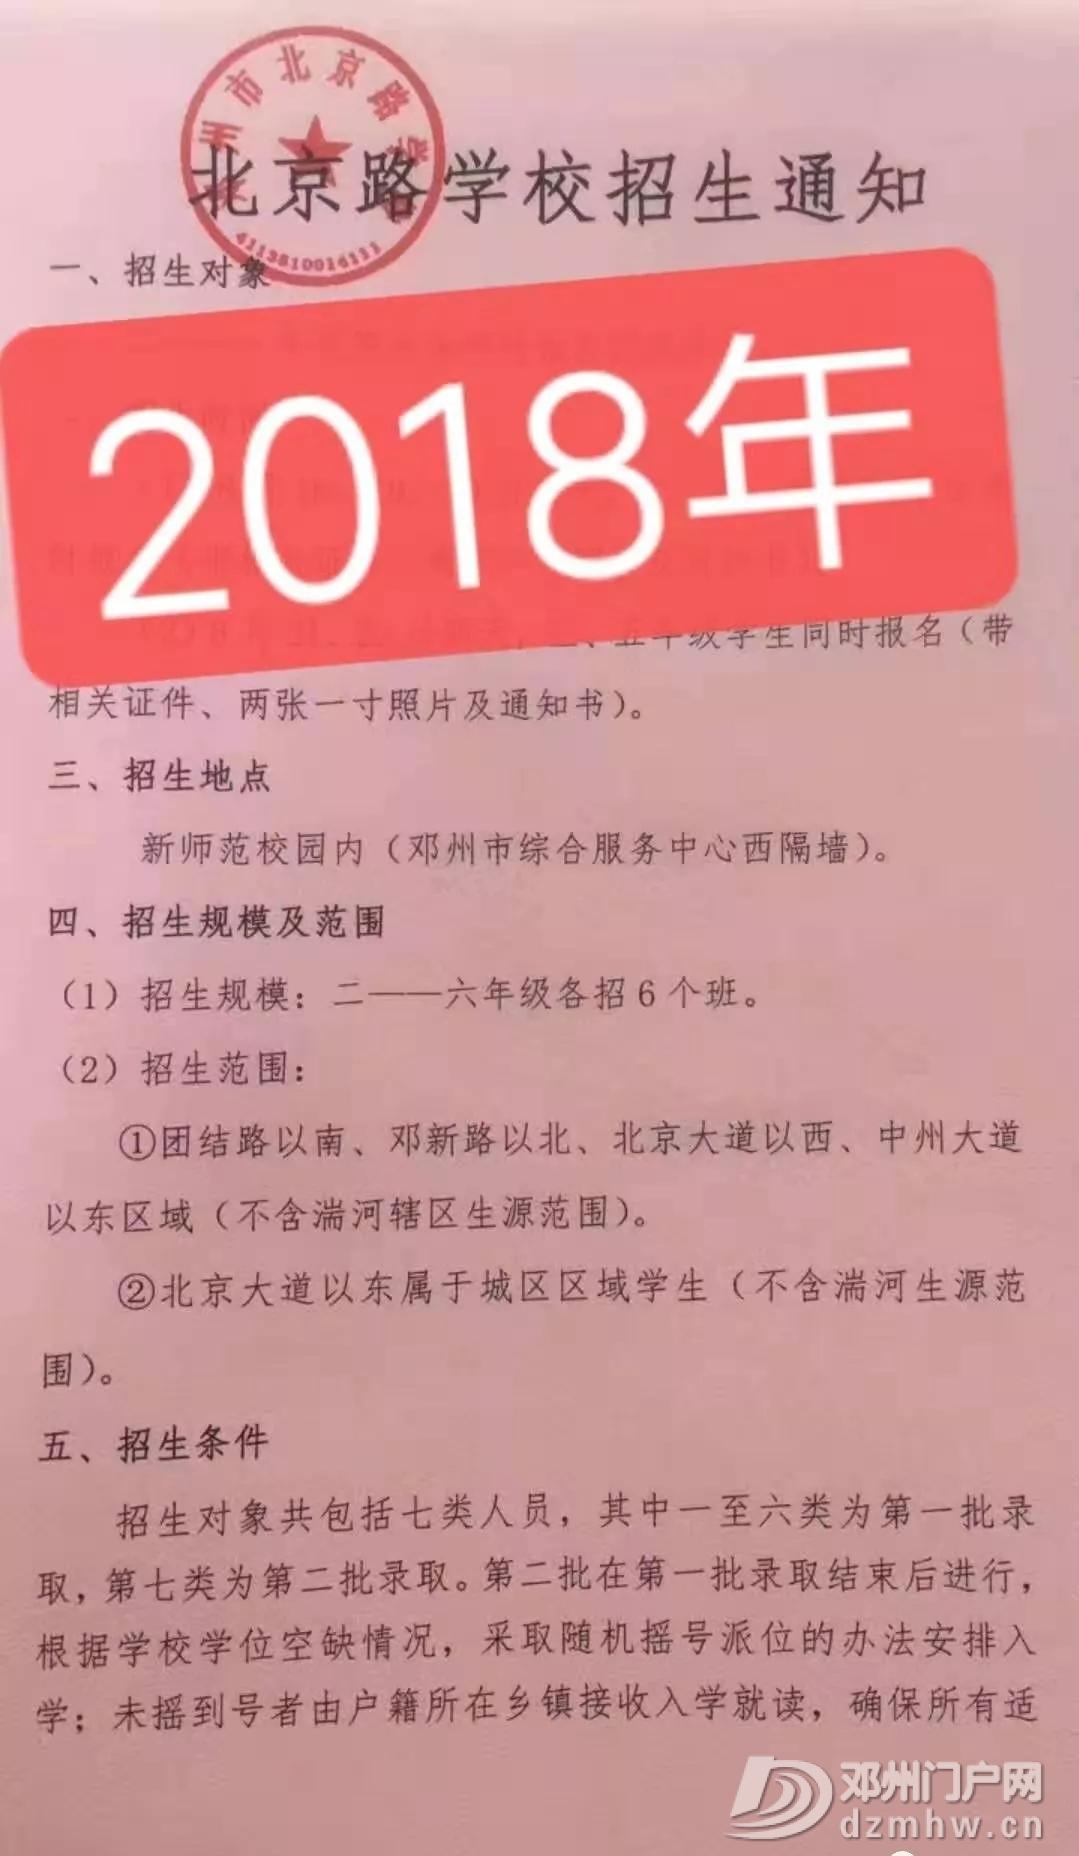 在邓州买了学区房,结果孩子却不能在附近学校上学,怨谁? - 邓州门户网 邓州网 - 640.webp10_WPS图片.jpg